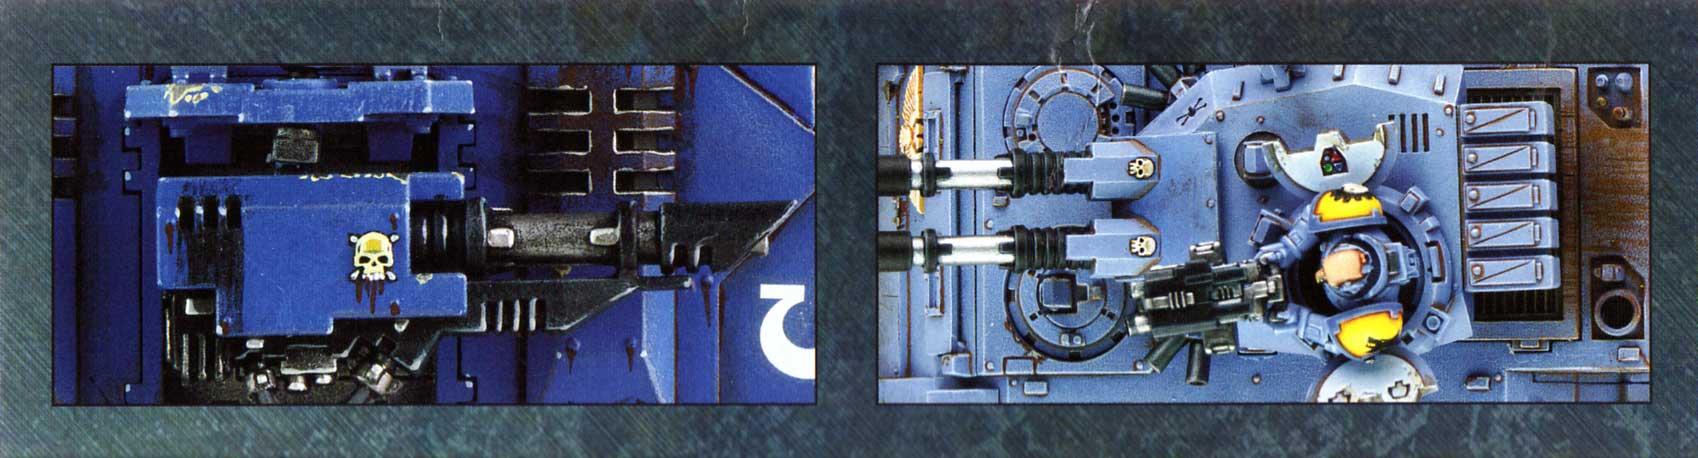 boîte dos droite et gauche Tank Predator (Space Marine - Warhammer 40.000)